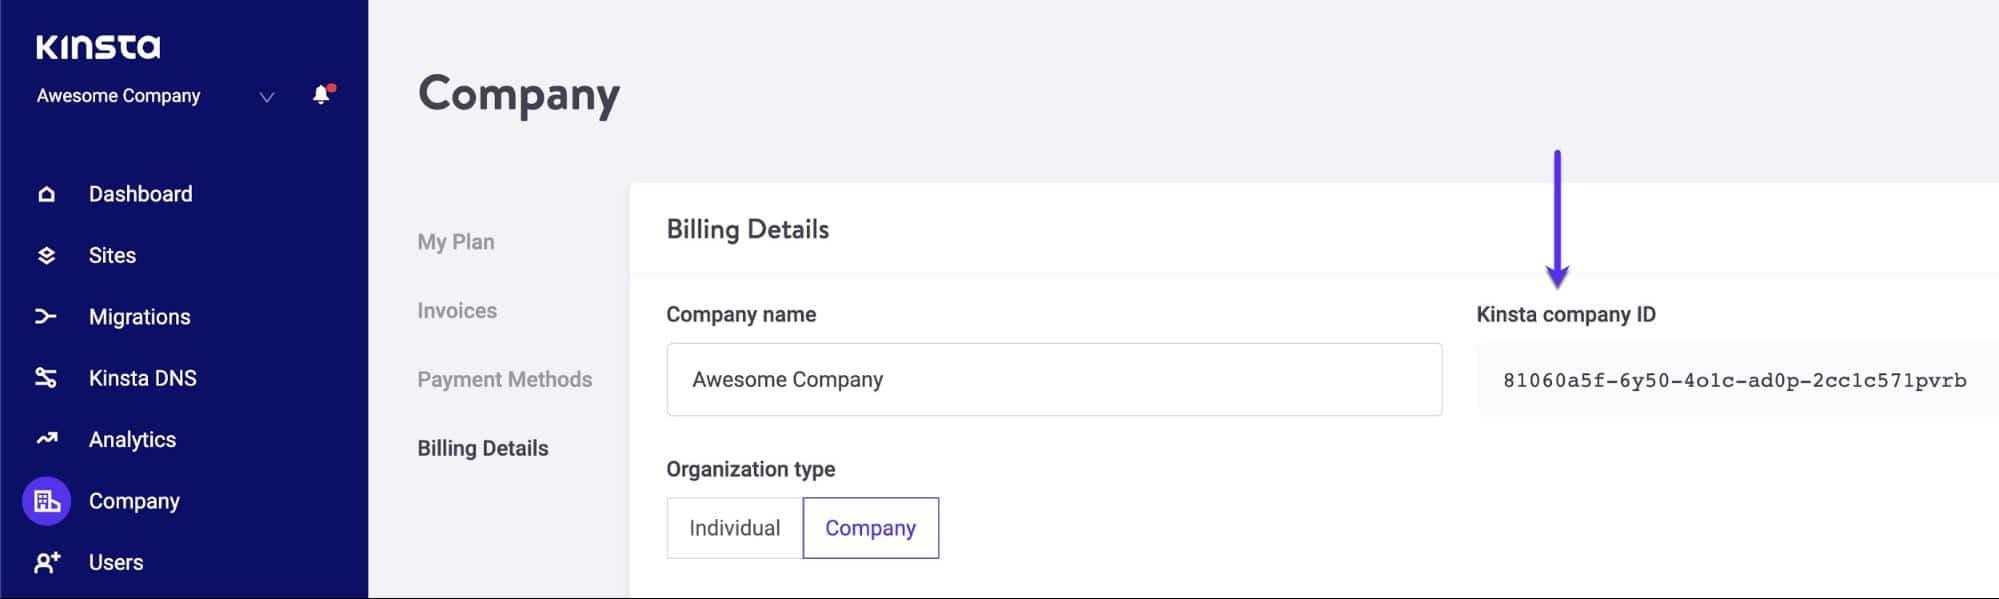 La identificación de la compañía Kinsta en el tablero de MyKinsta